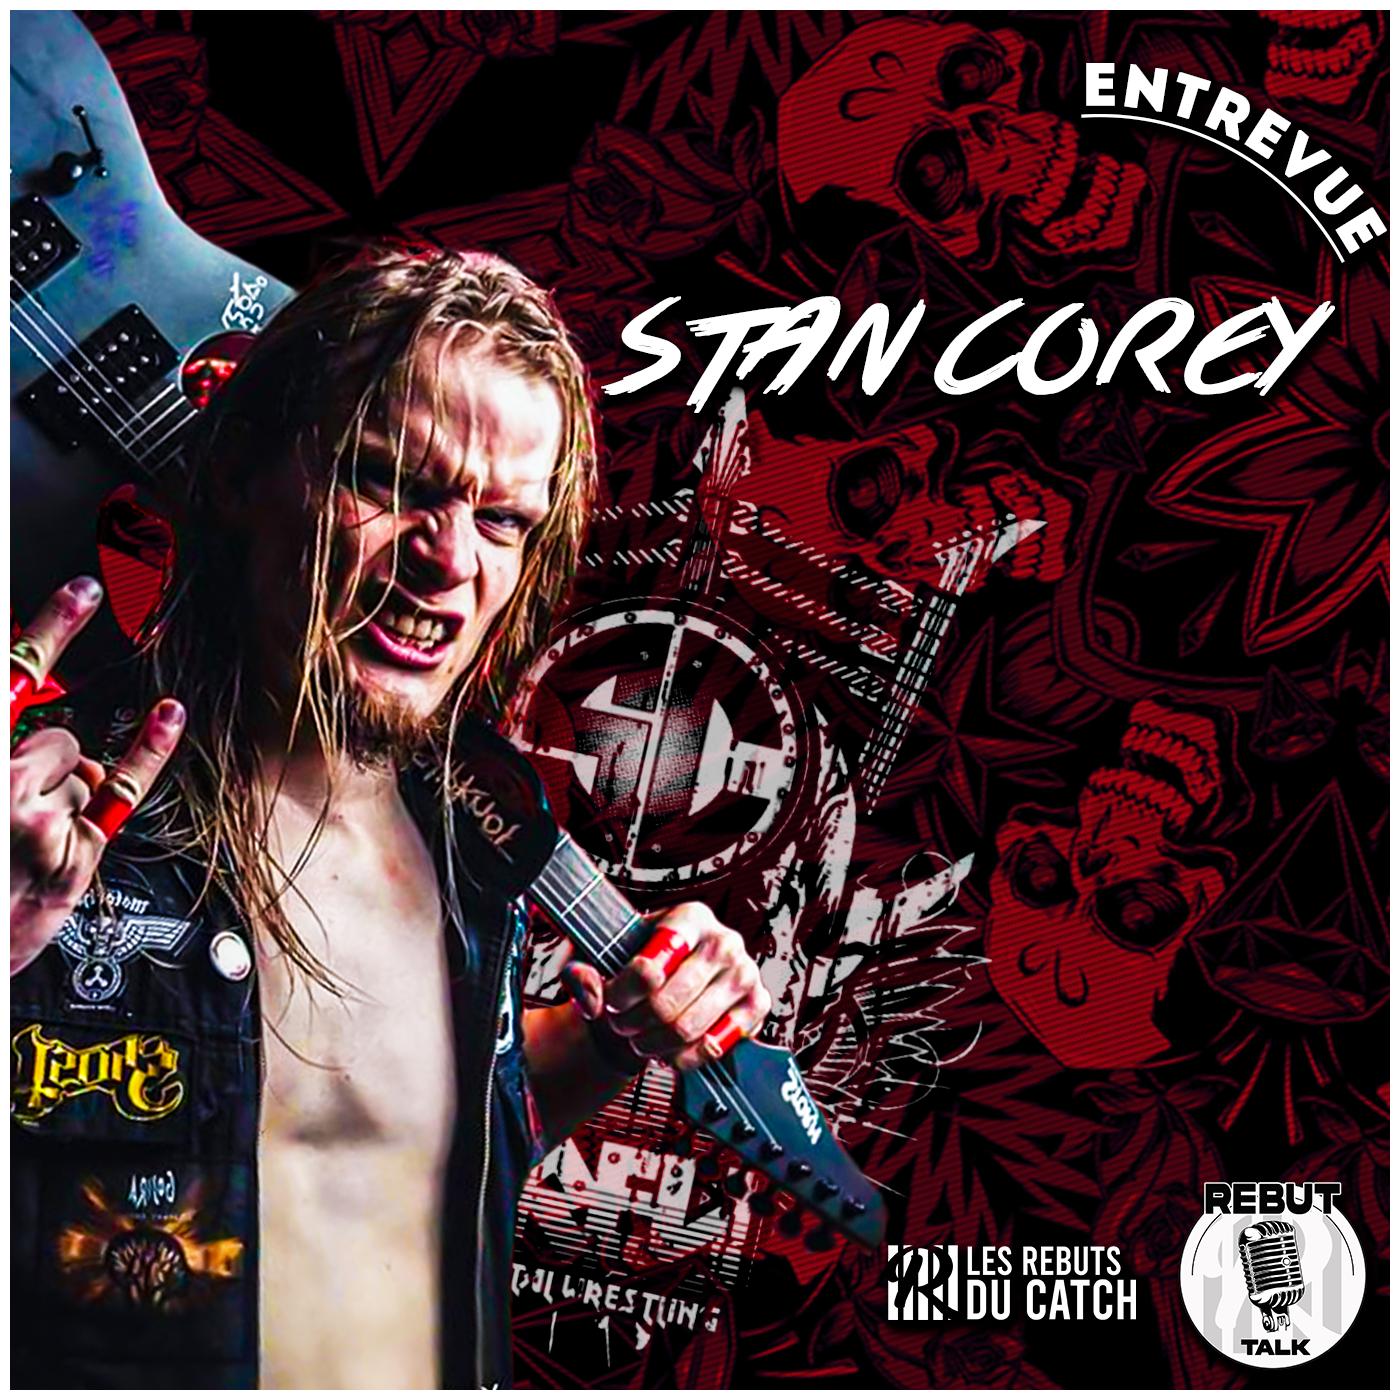 """Entrevue avec Stan Corey : """" Le Metal la meilleure musique du monde """"."""